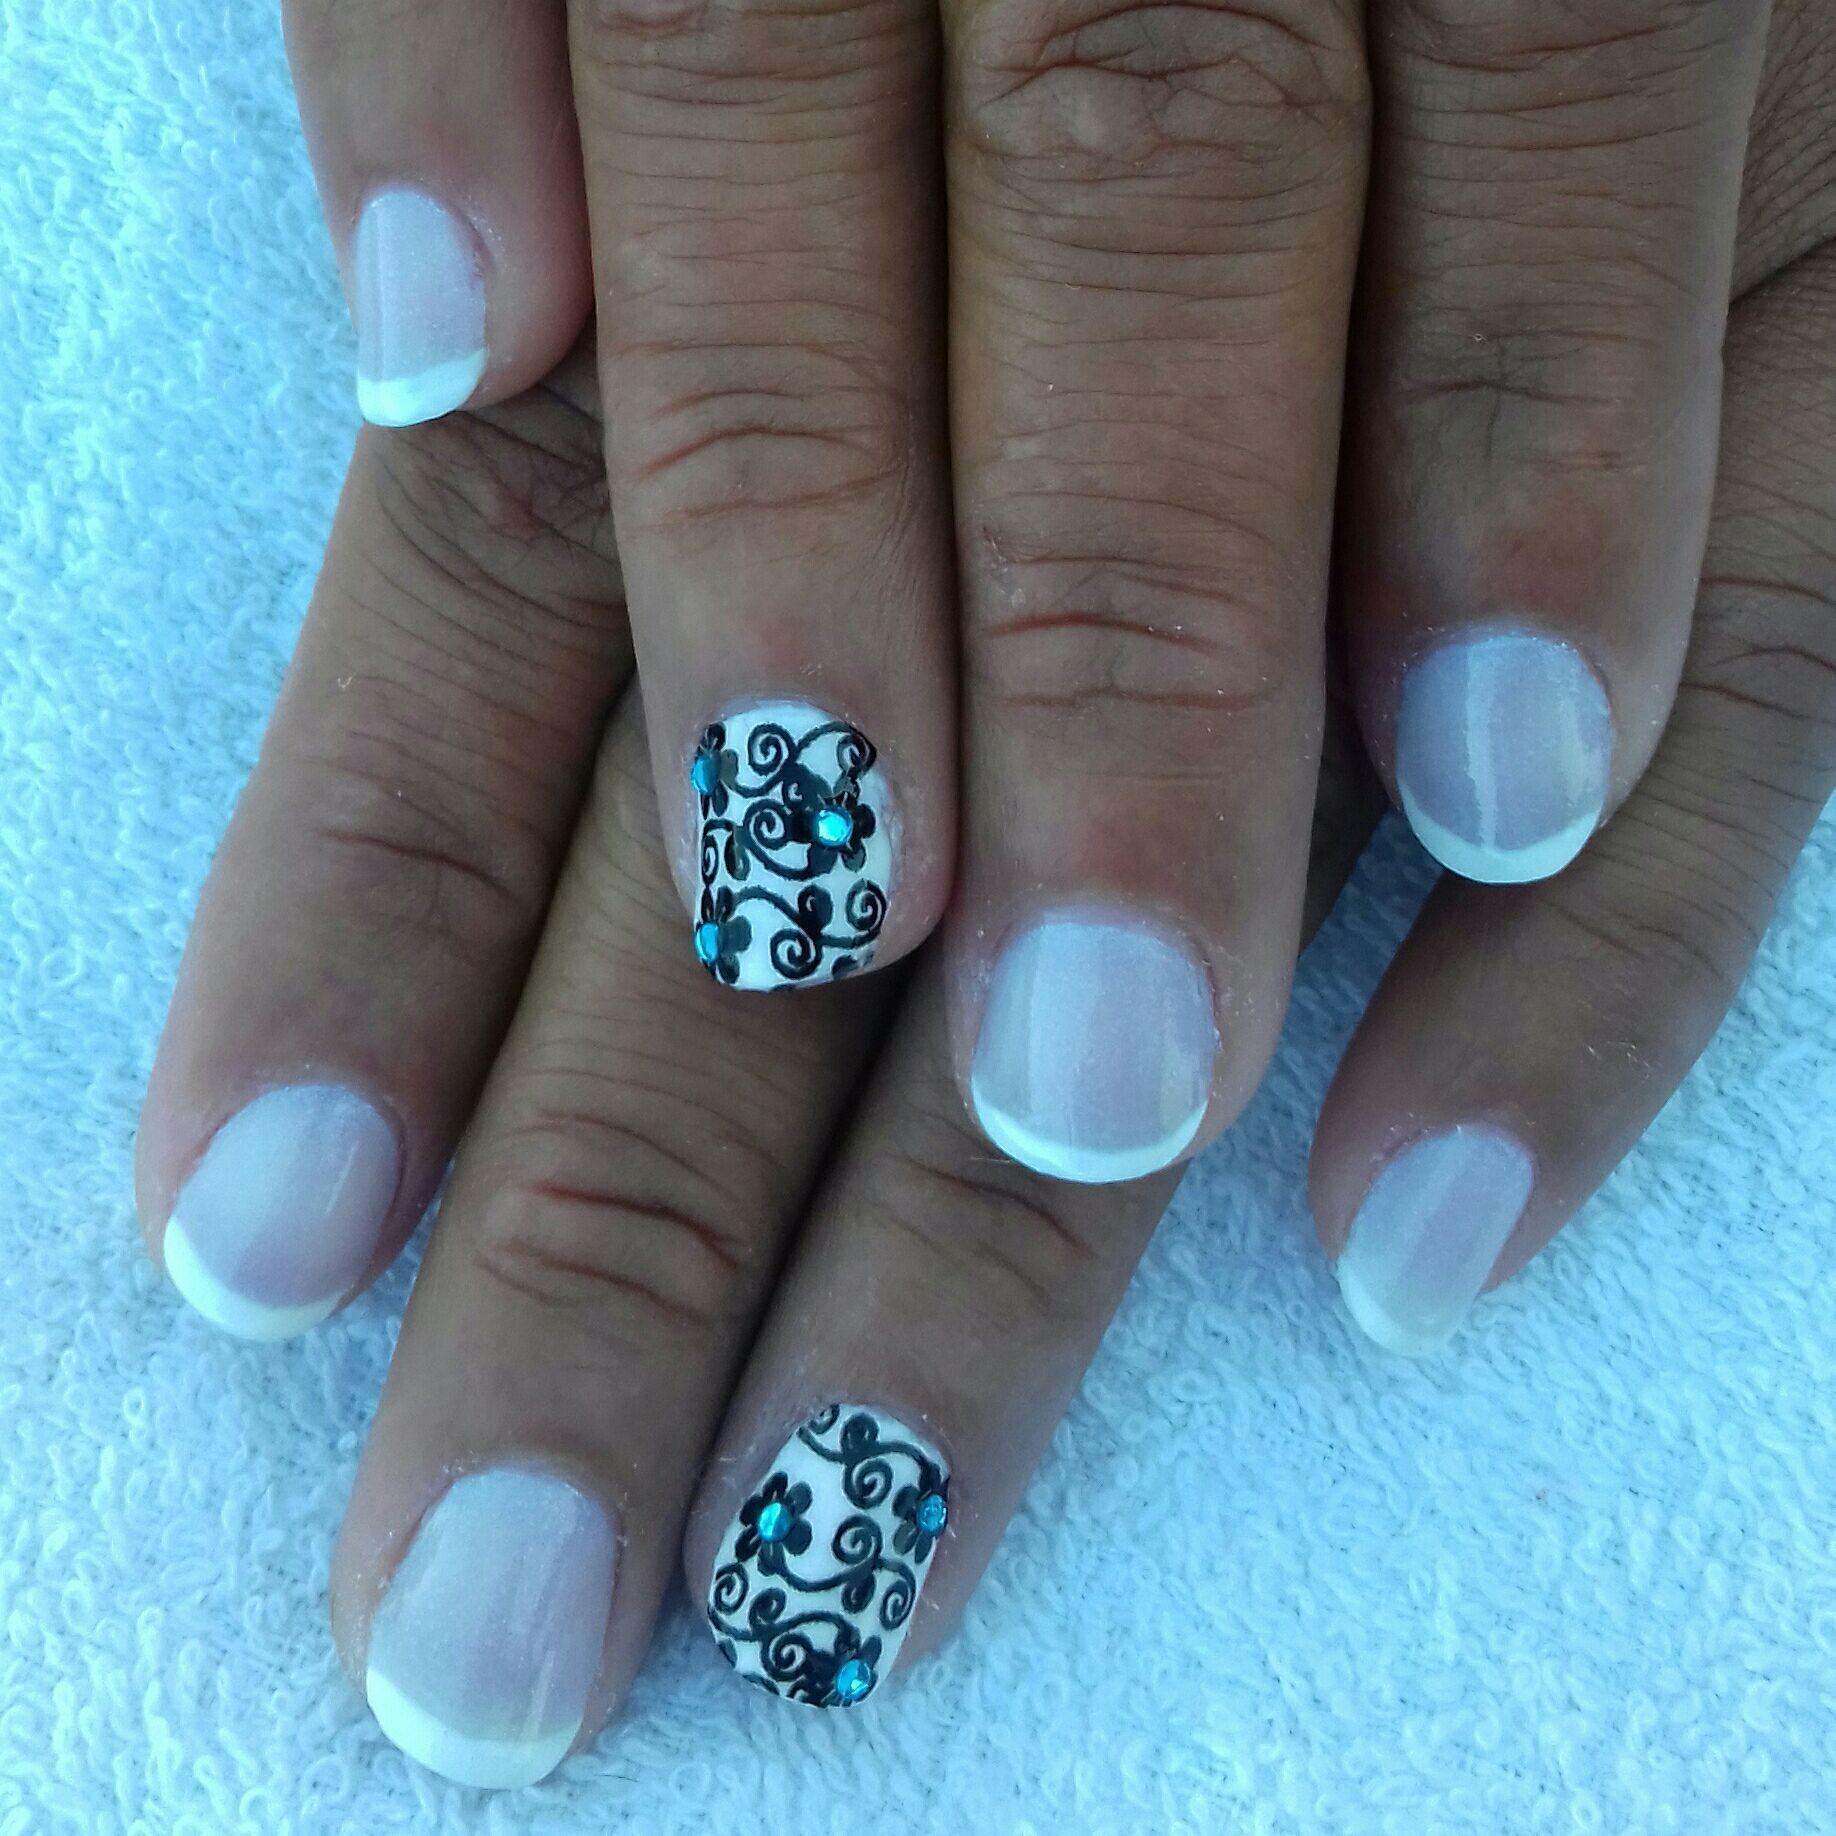 Esmaltes usados: Colorama Pétala Branca, Impala Lua e Risque Renda unha manicure e pedicure designer de sobrancelhas